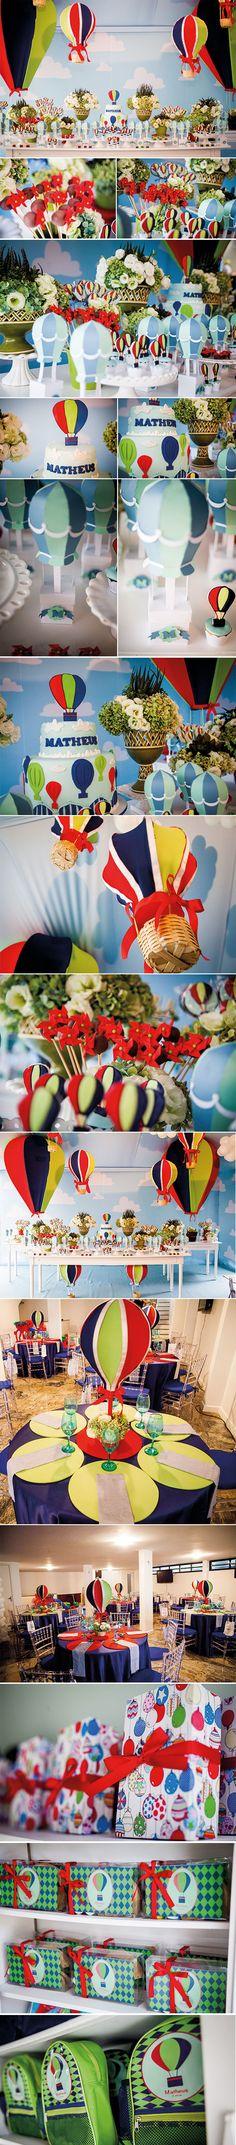 Festa-Balão